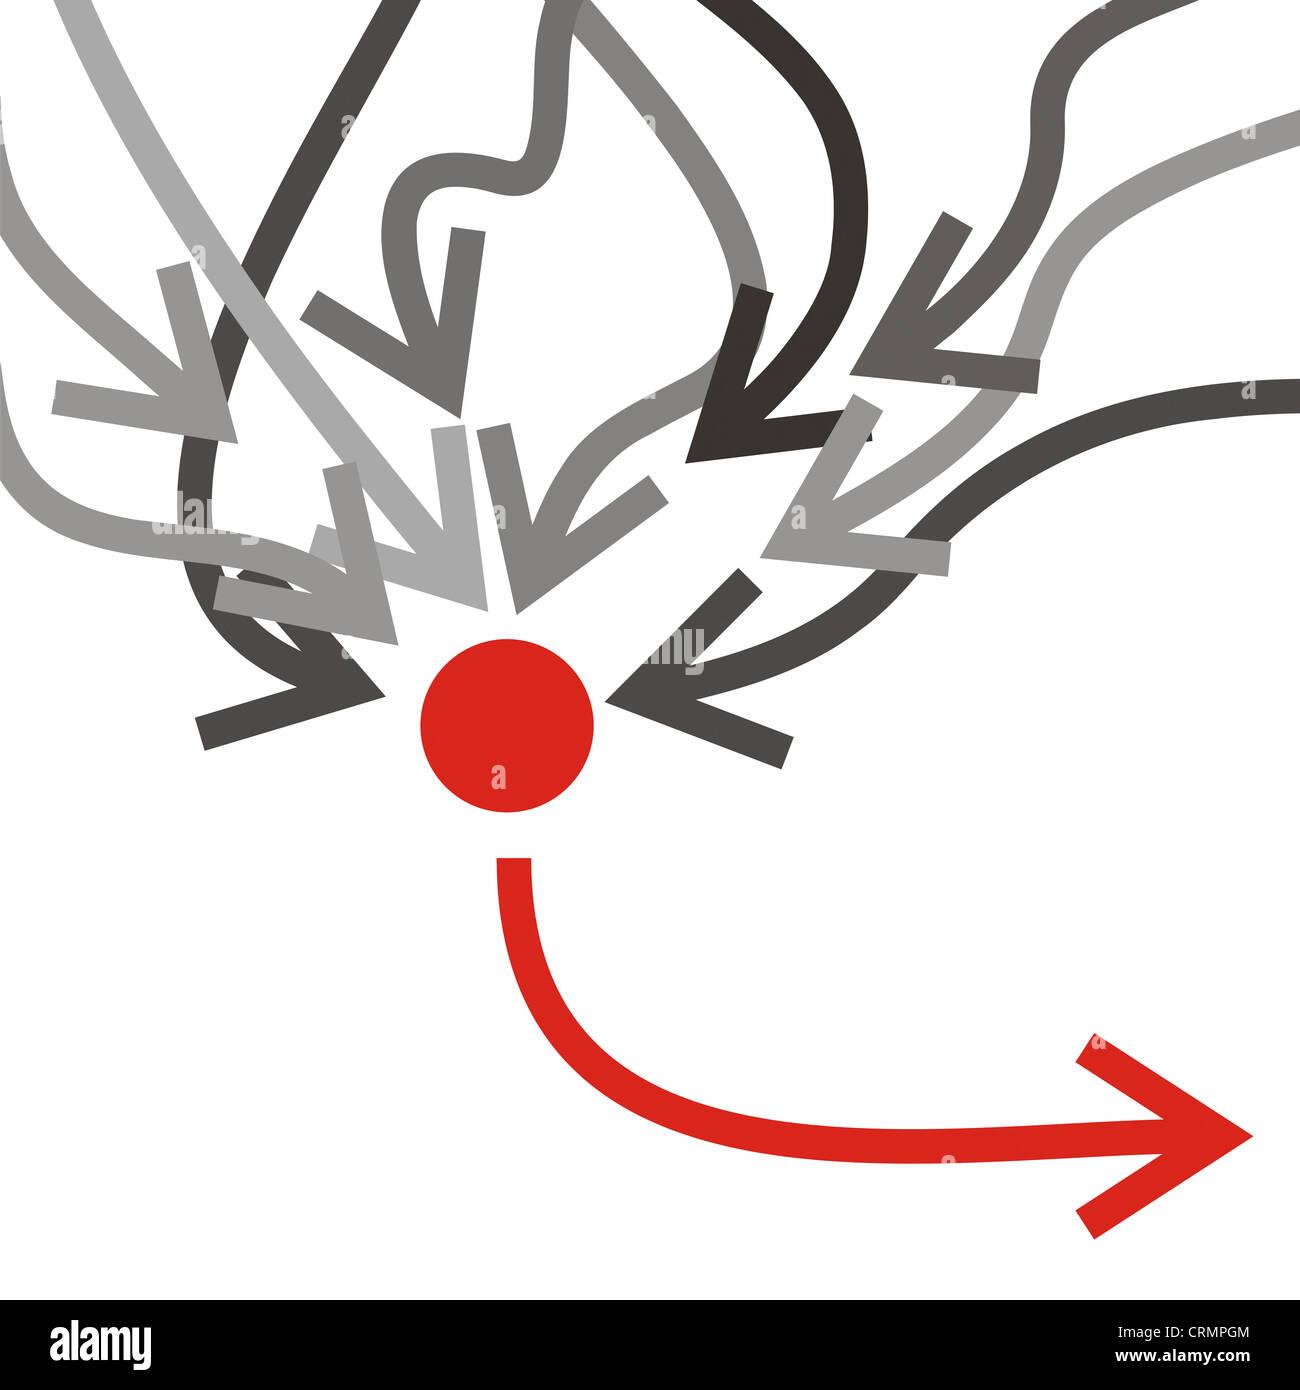 Grupo de flechas grises infiltrado a una flecha roja Imagen De Stock